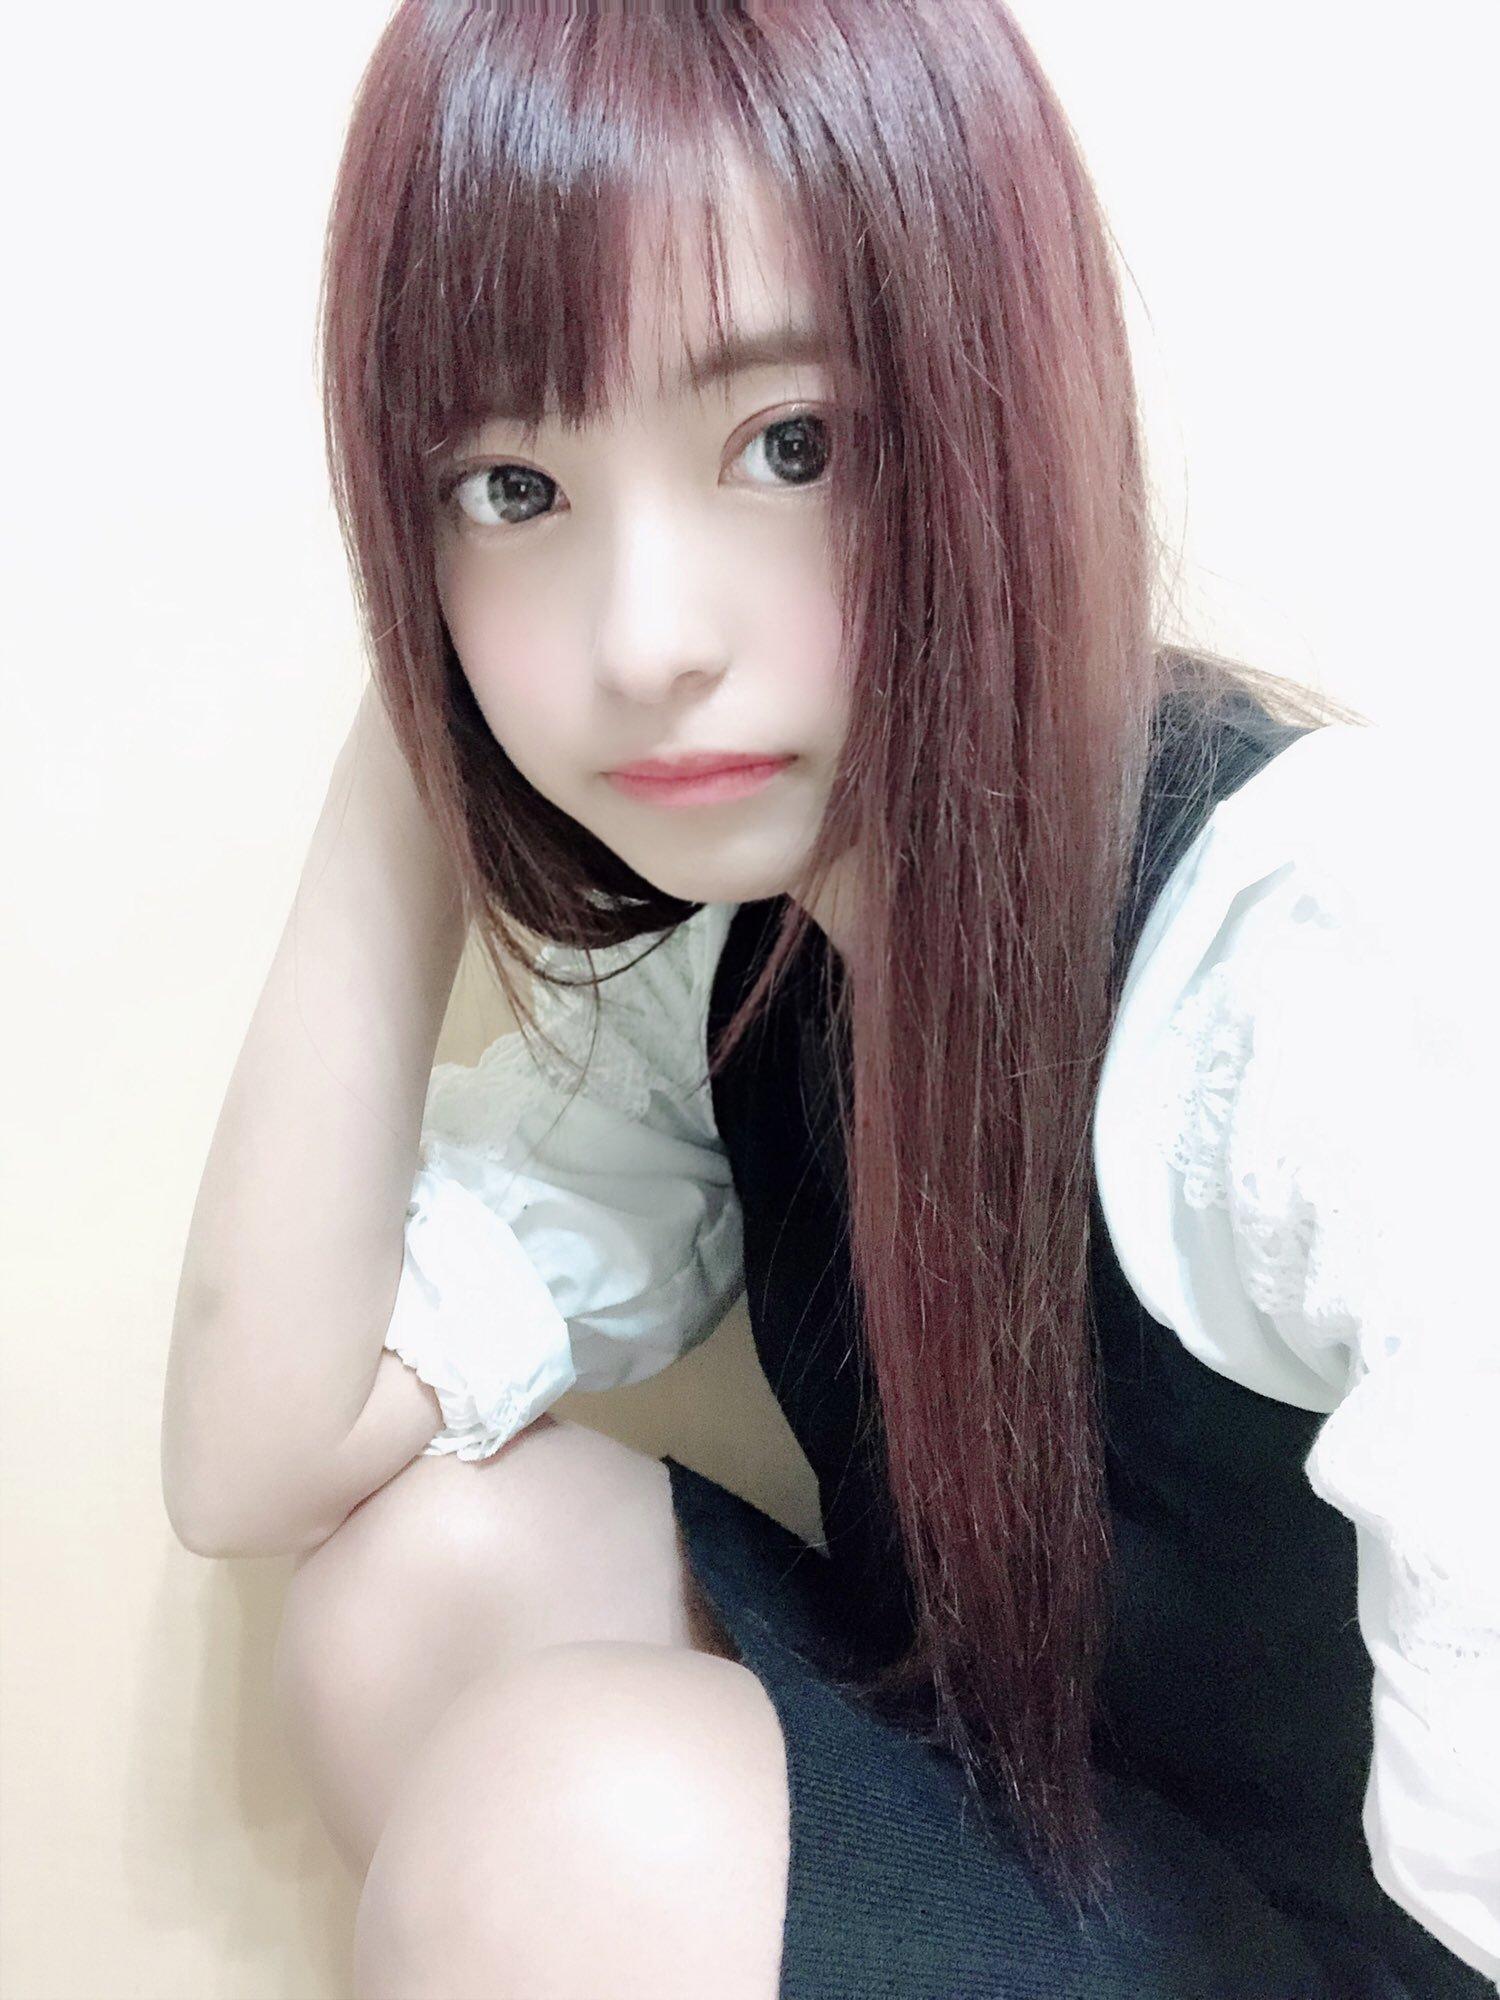 moko_sakura3 1248615602509340675_p0